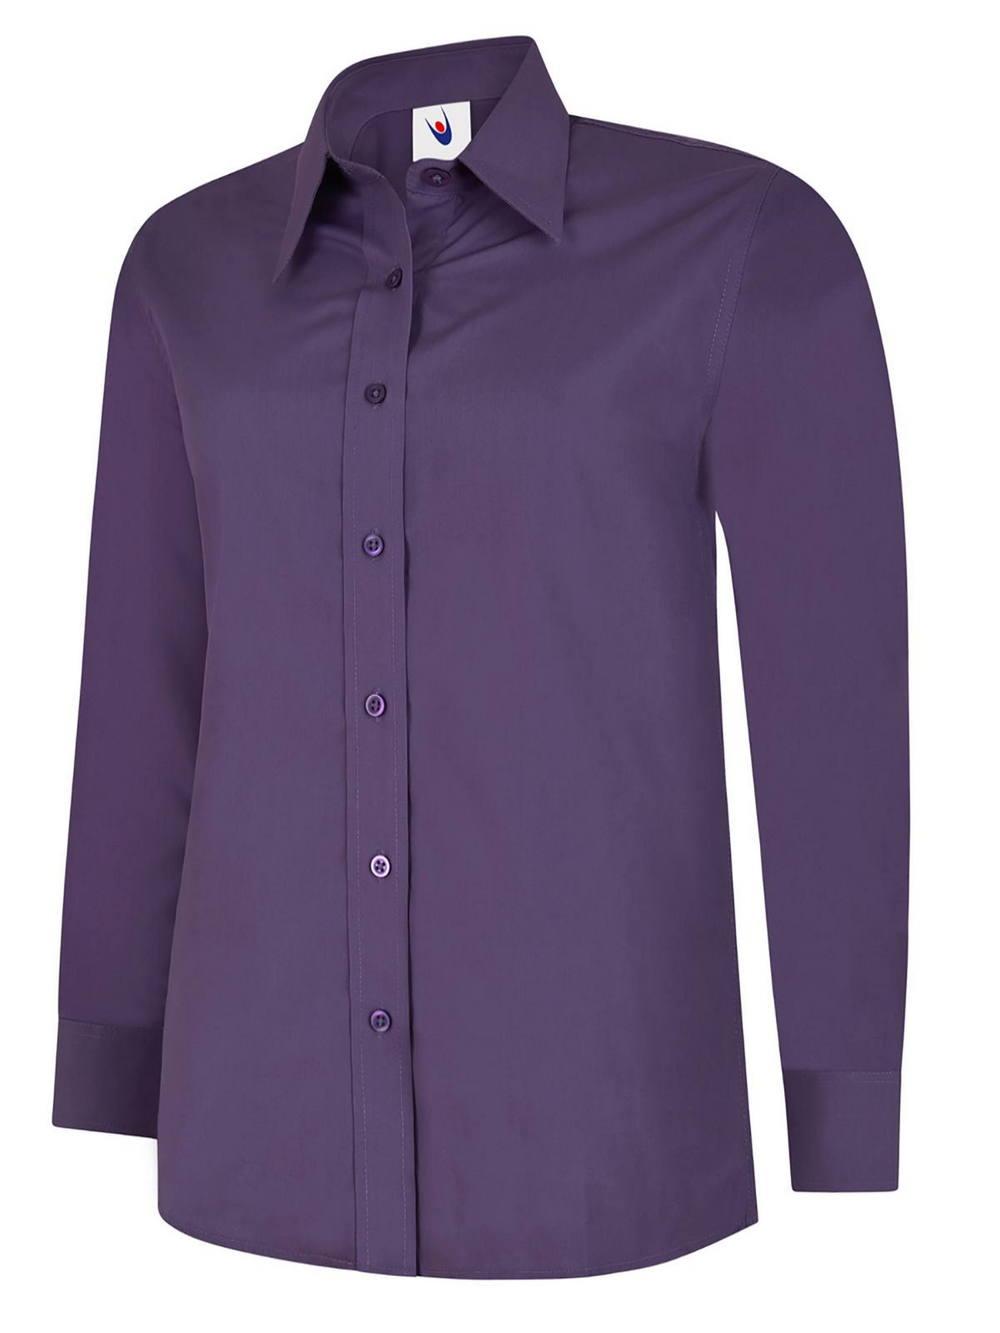 Uneek Ladies Poplin Full Sleeve Shirt